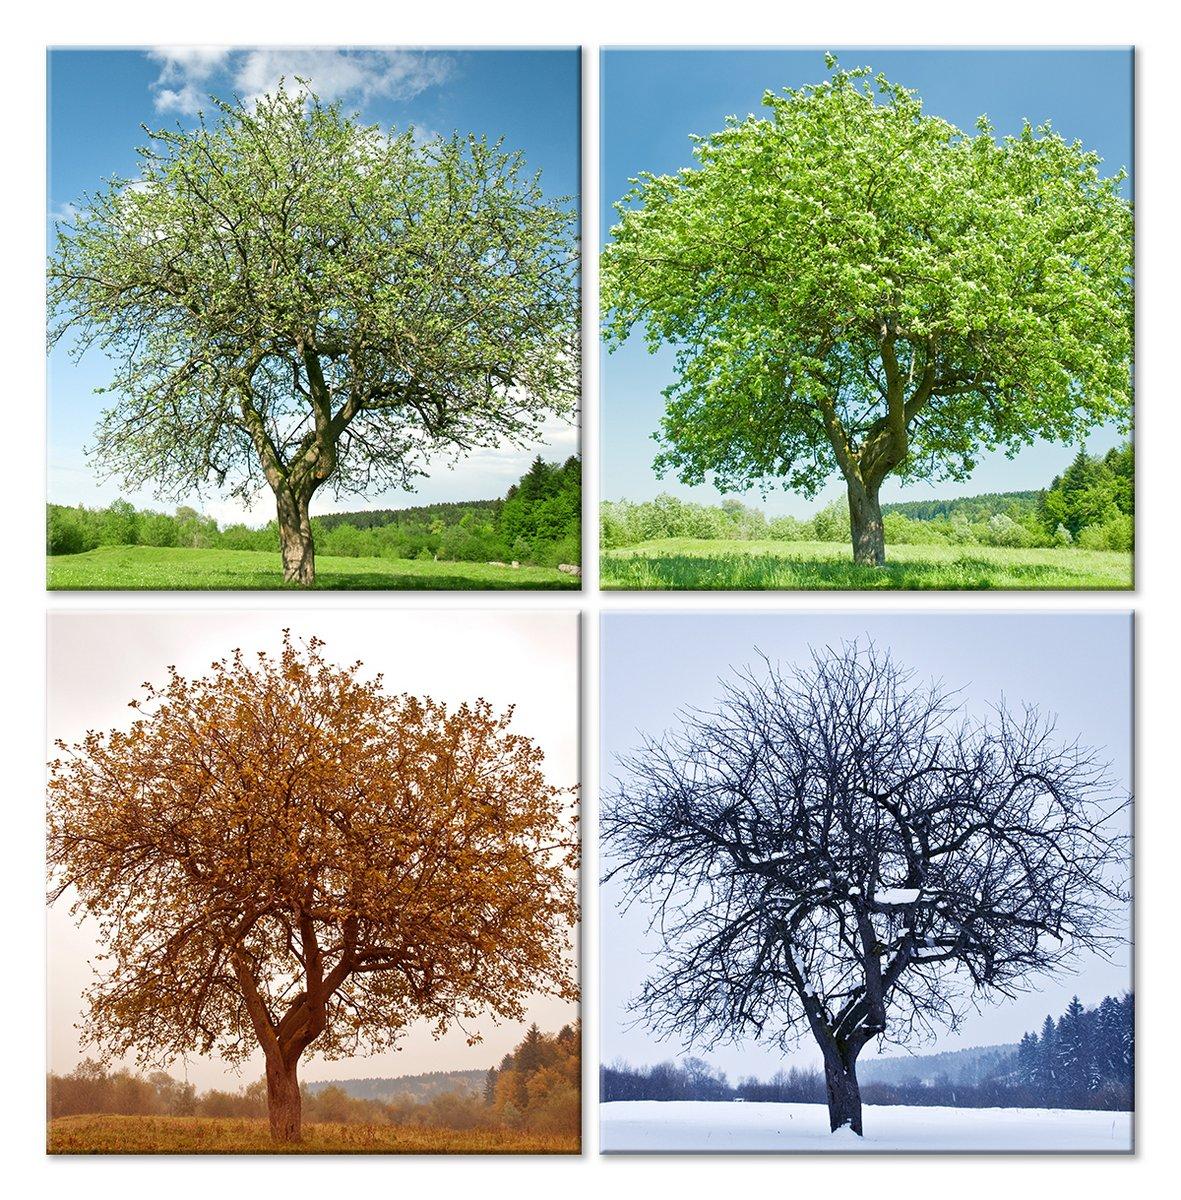 Модульная картина «Дерево, времена года»Природа<br>Модульная картина на натуральном холсте и деревянном подрамнике. Подвес в комплекте. Трехслойная надежная упаковка. Доставим в любую точку России. Вам осталось только повесить картину на стену!<br>